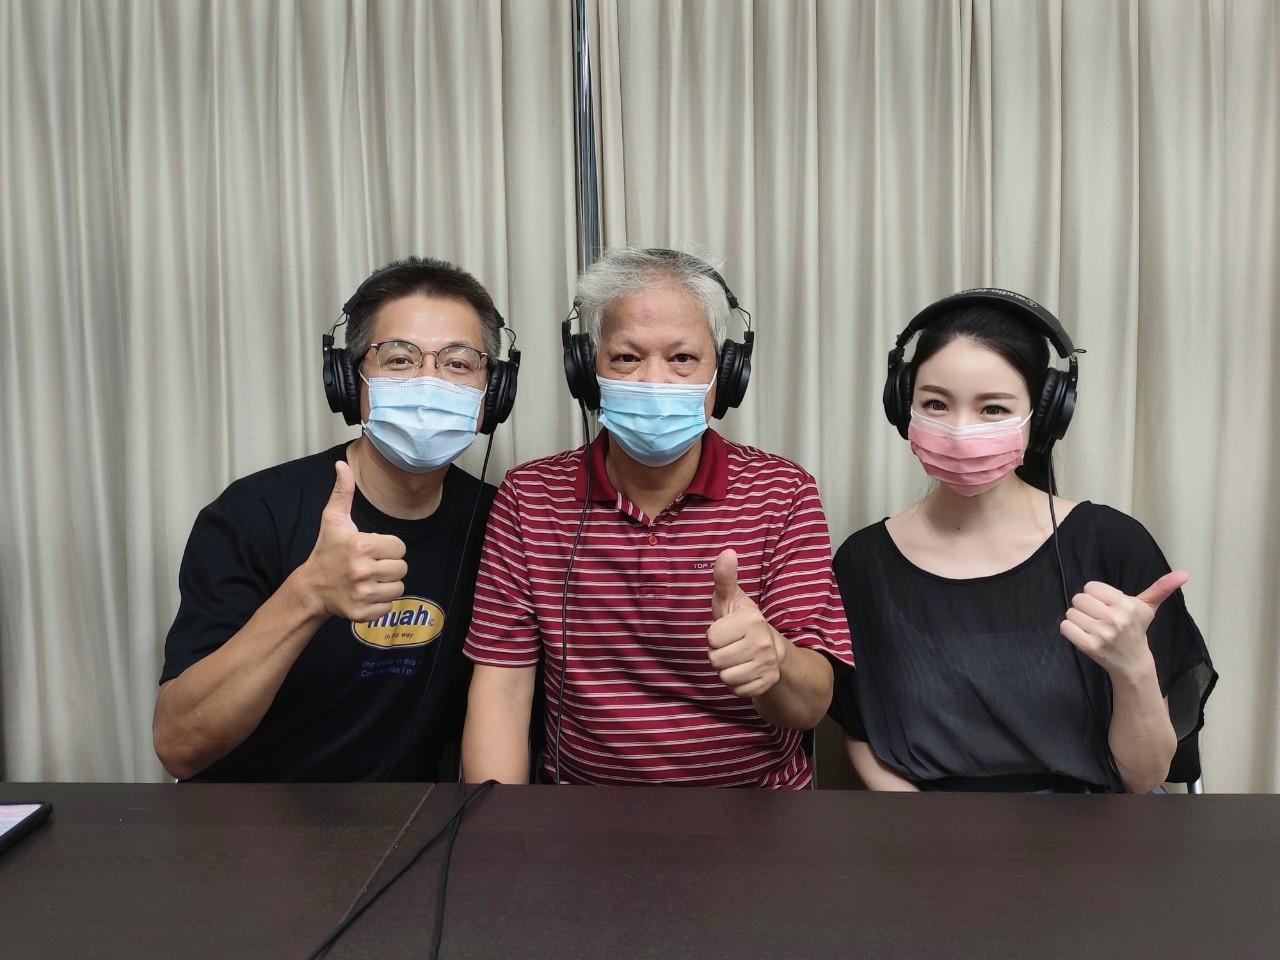 「傳藝金曲獎之柯爺來了!」-傳藝金曲獎最佳音樂設計首位得主、台灣著名戲曲樂師 柯銘峰